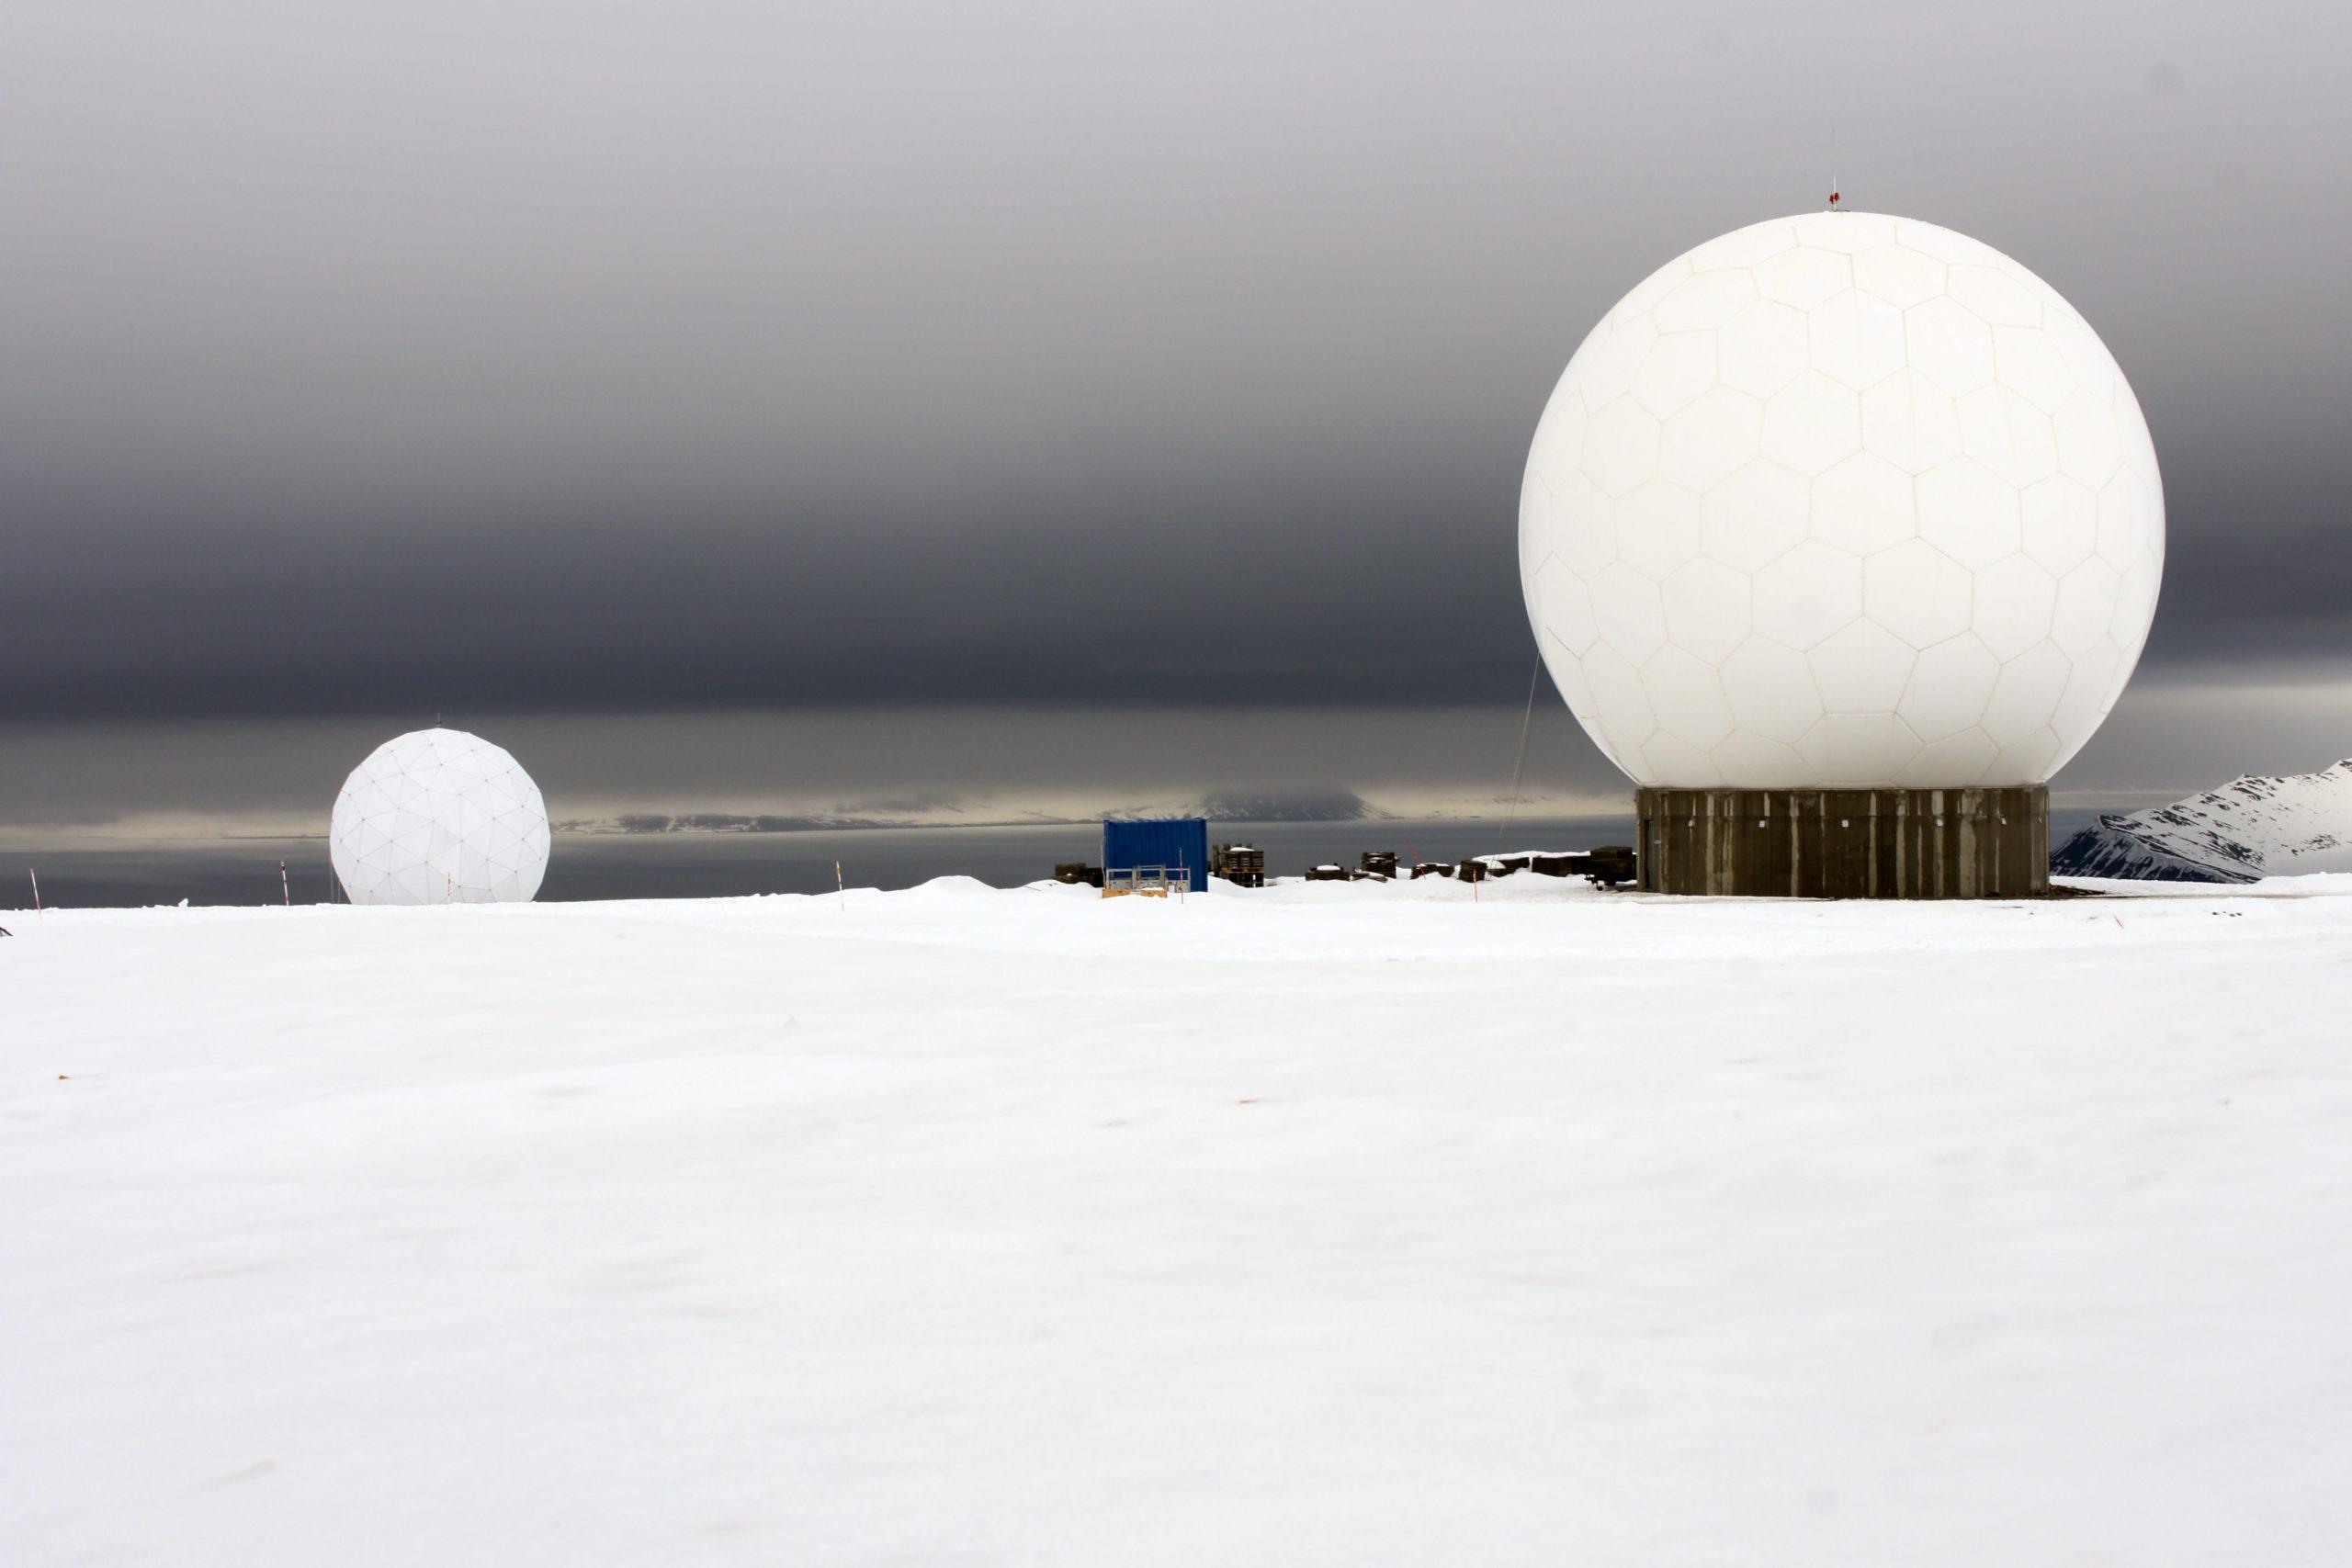 Svalsat-aseman satelliittiantennien kuvut hallitsevat maisemaa Platåbergetin laella Longyearbyenin lähellä.